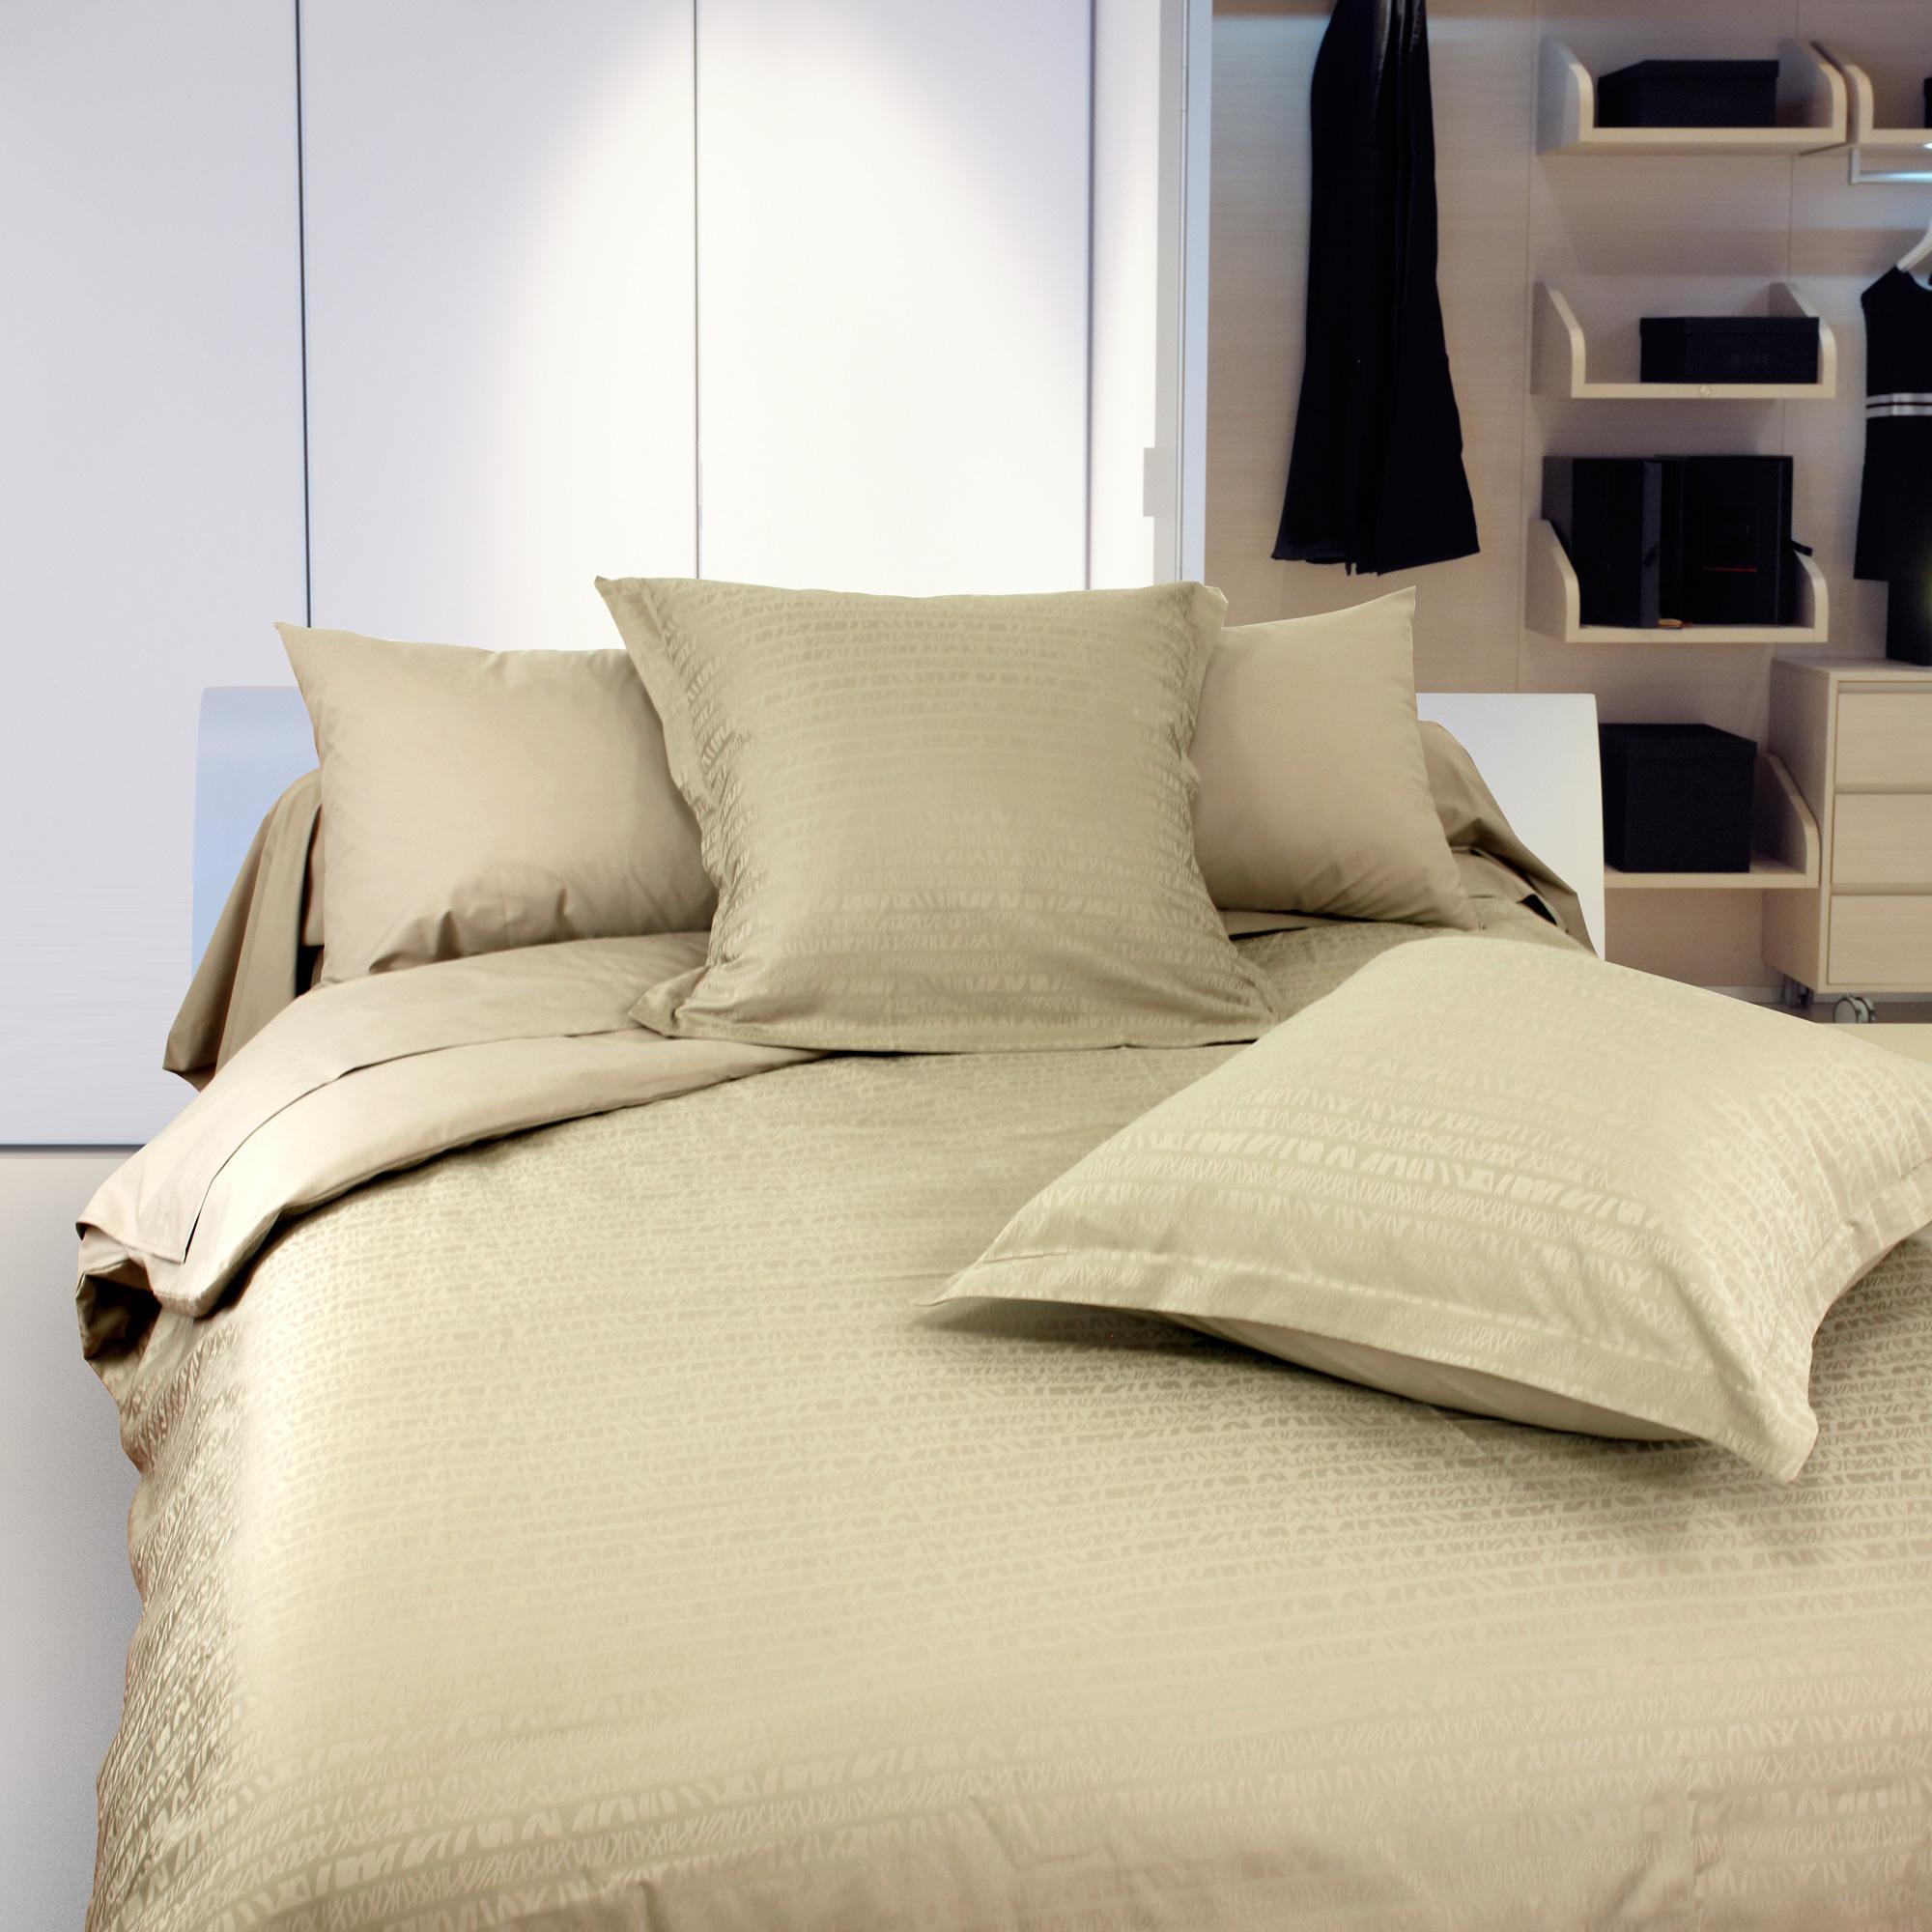 parure de lit satin de coton tiss teint 300x240 cm victoire linnea linge de maison et. Black Bedroom Furniture Sets. Home Design Ideas